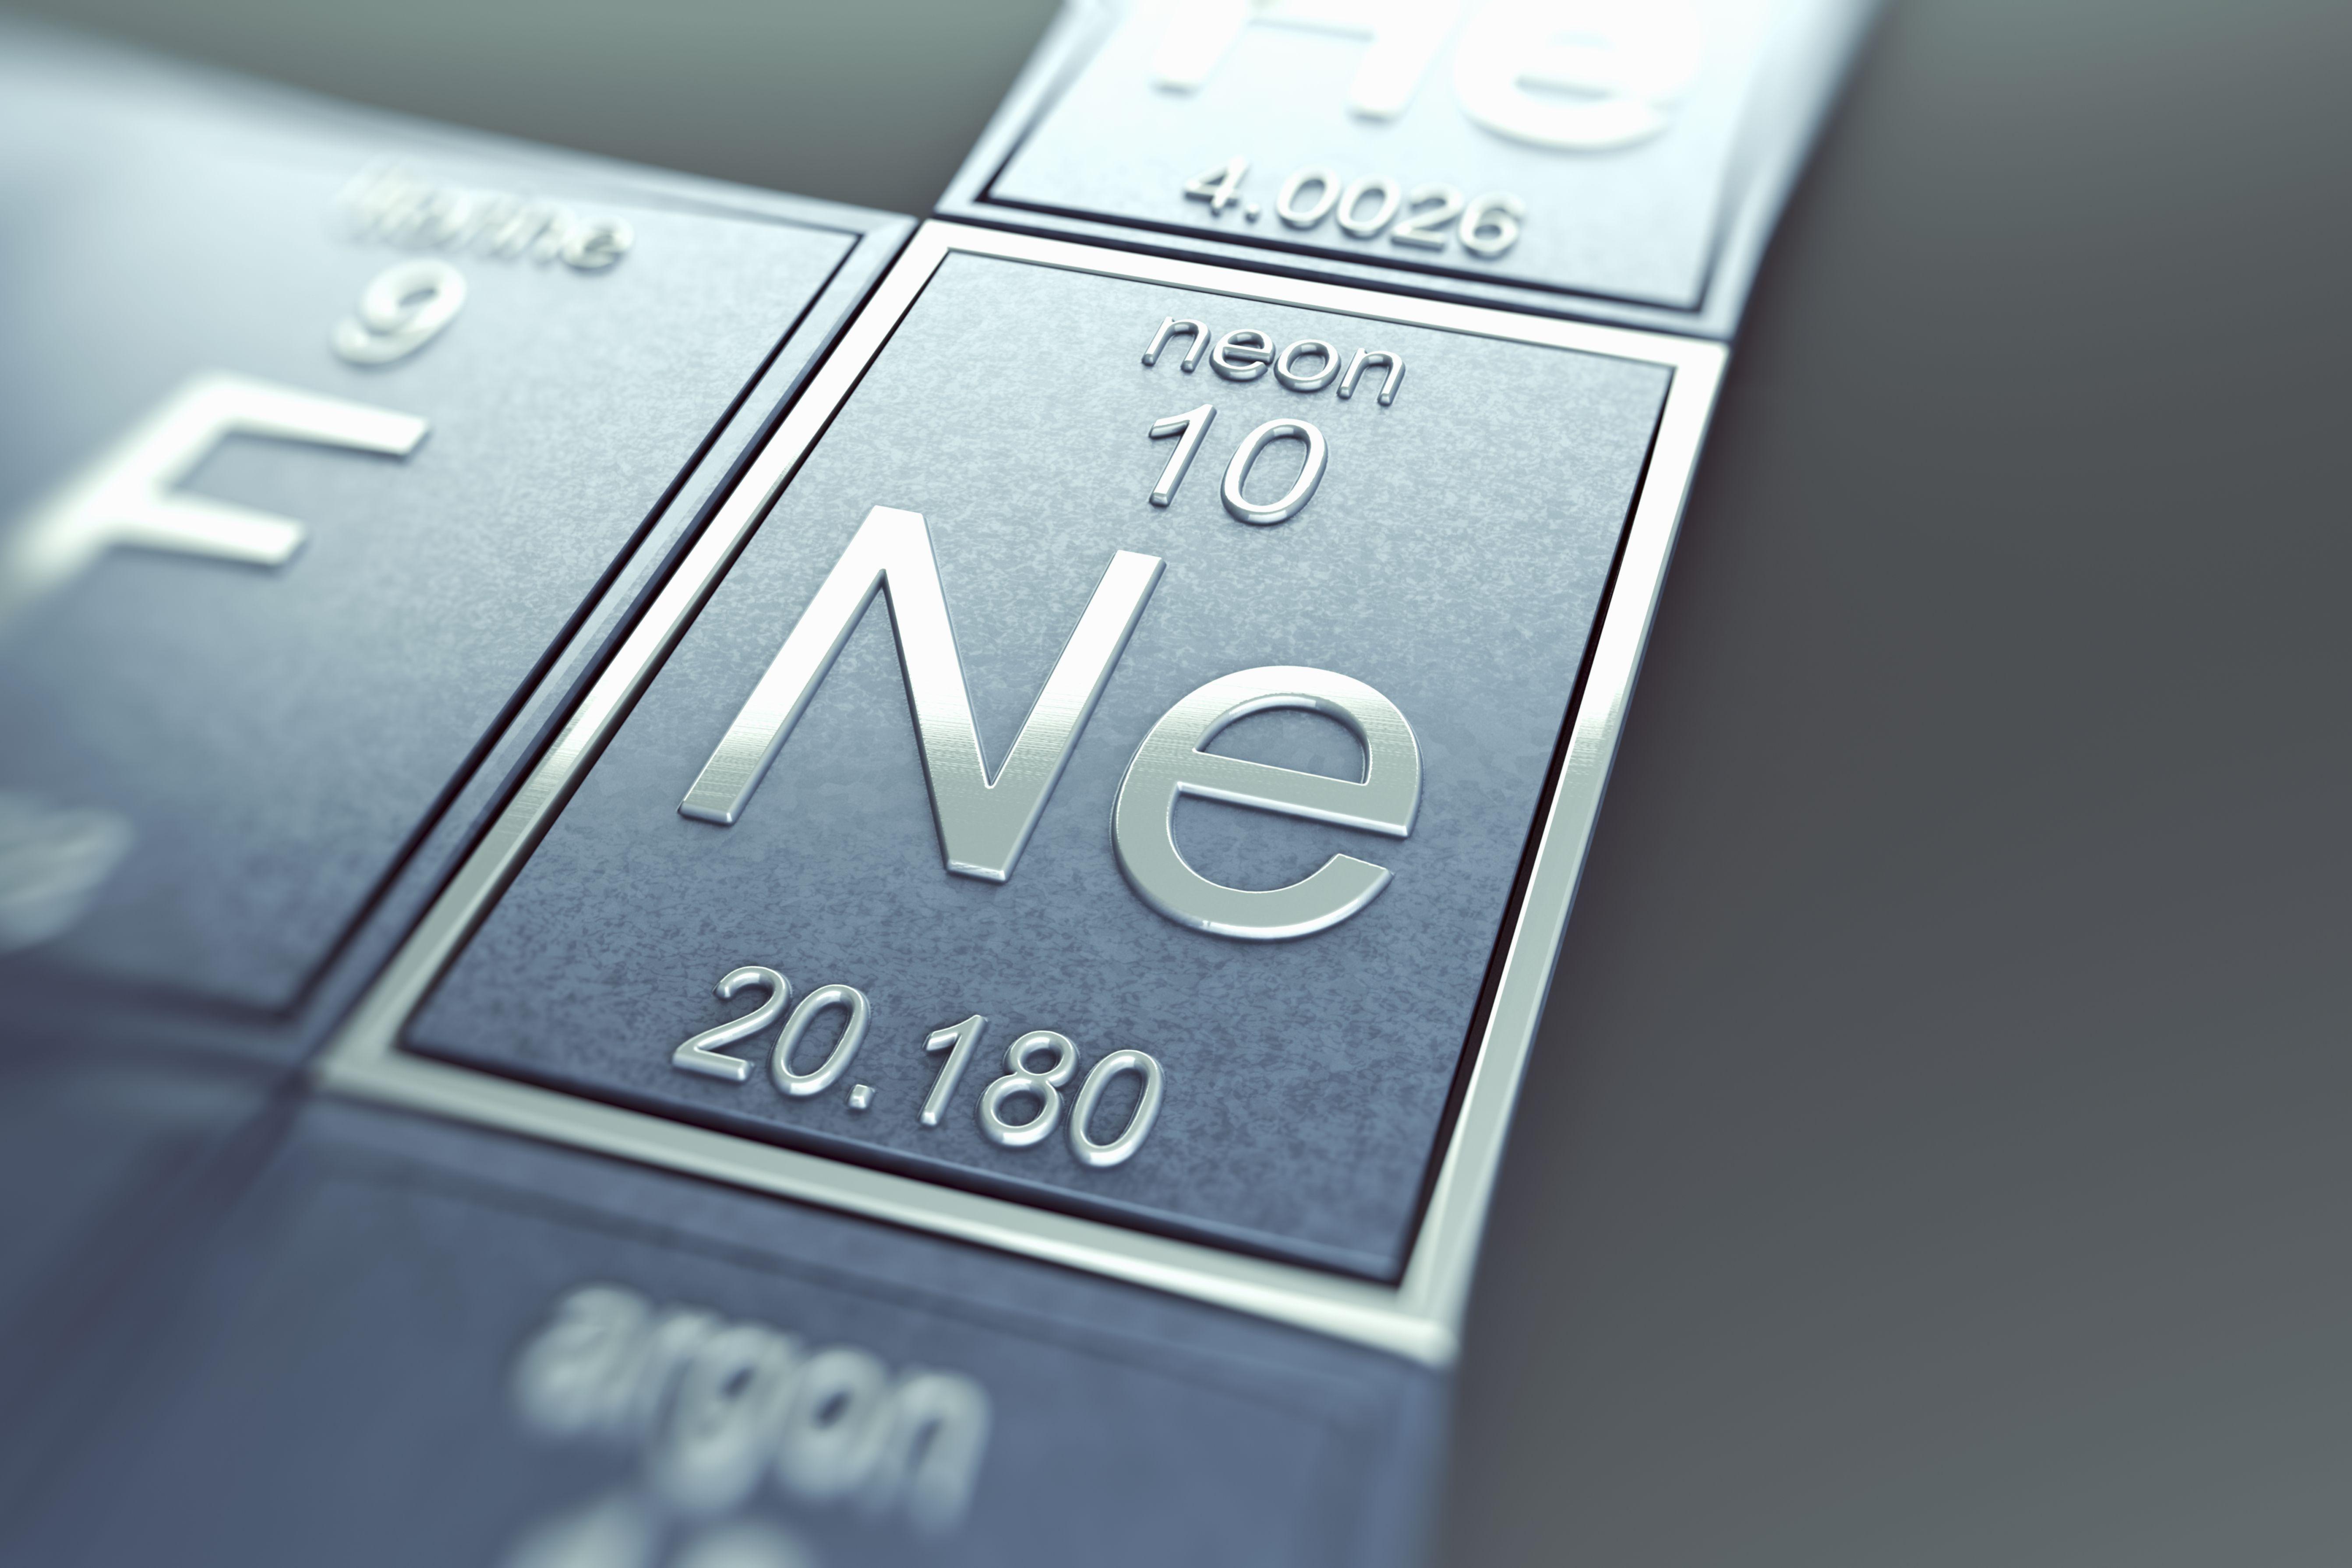 Element symbols in element names buycottarizona Choice Image